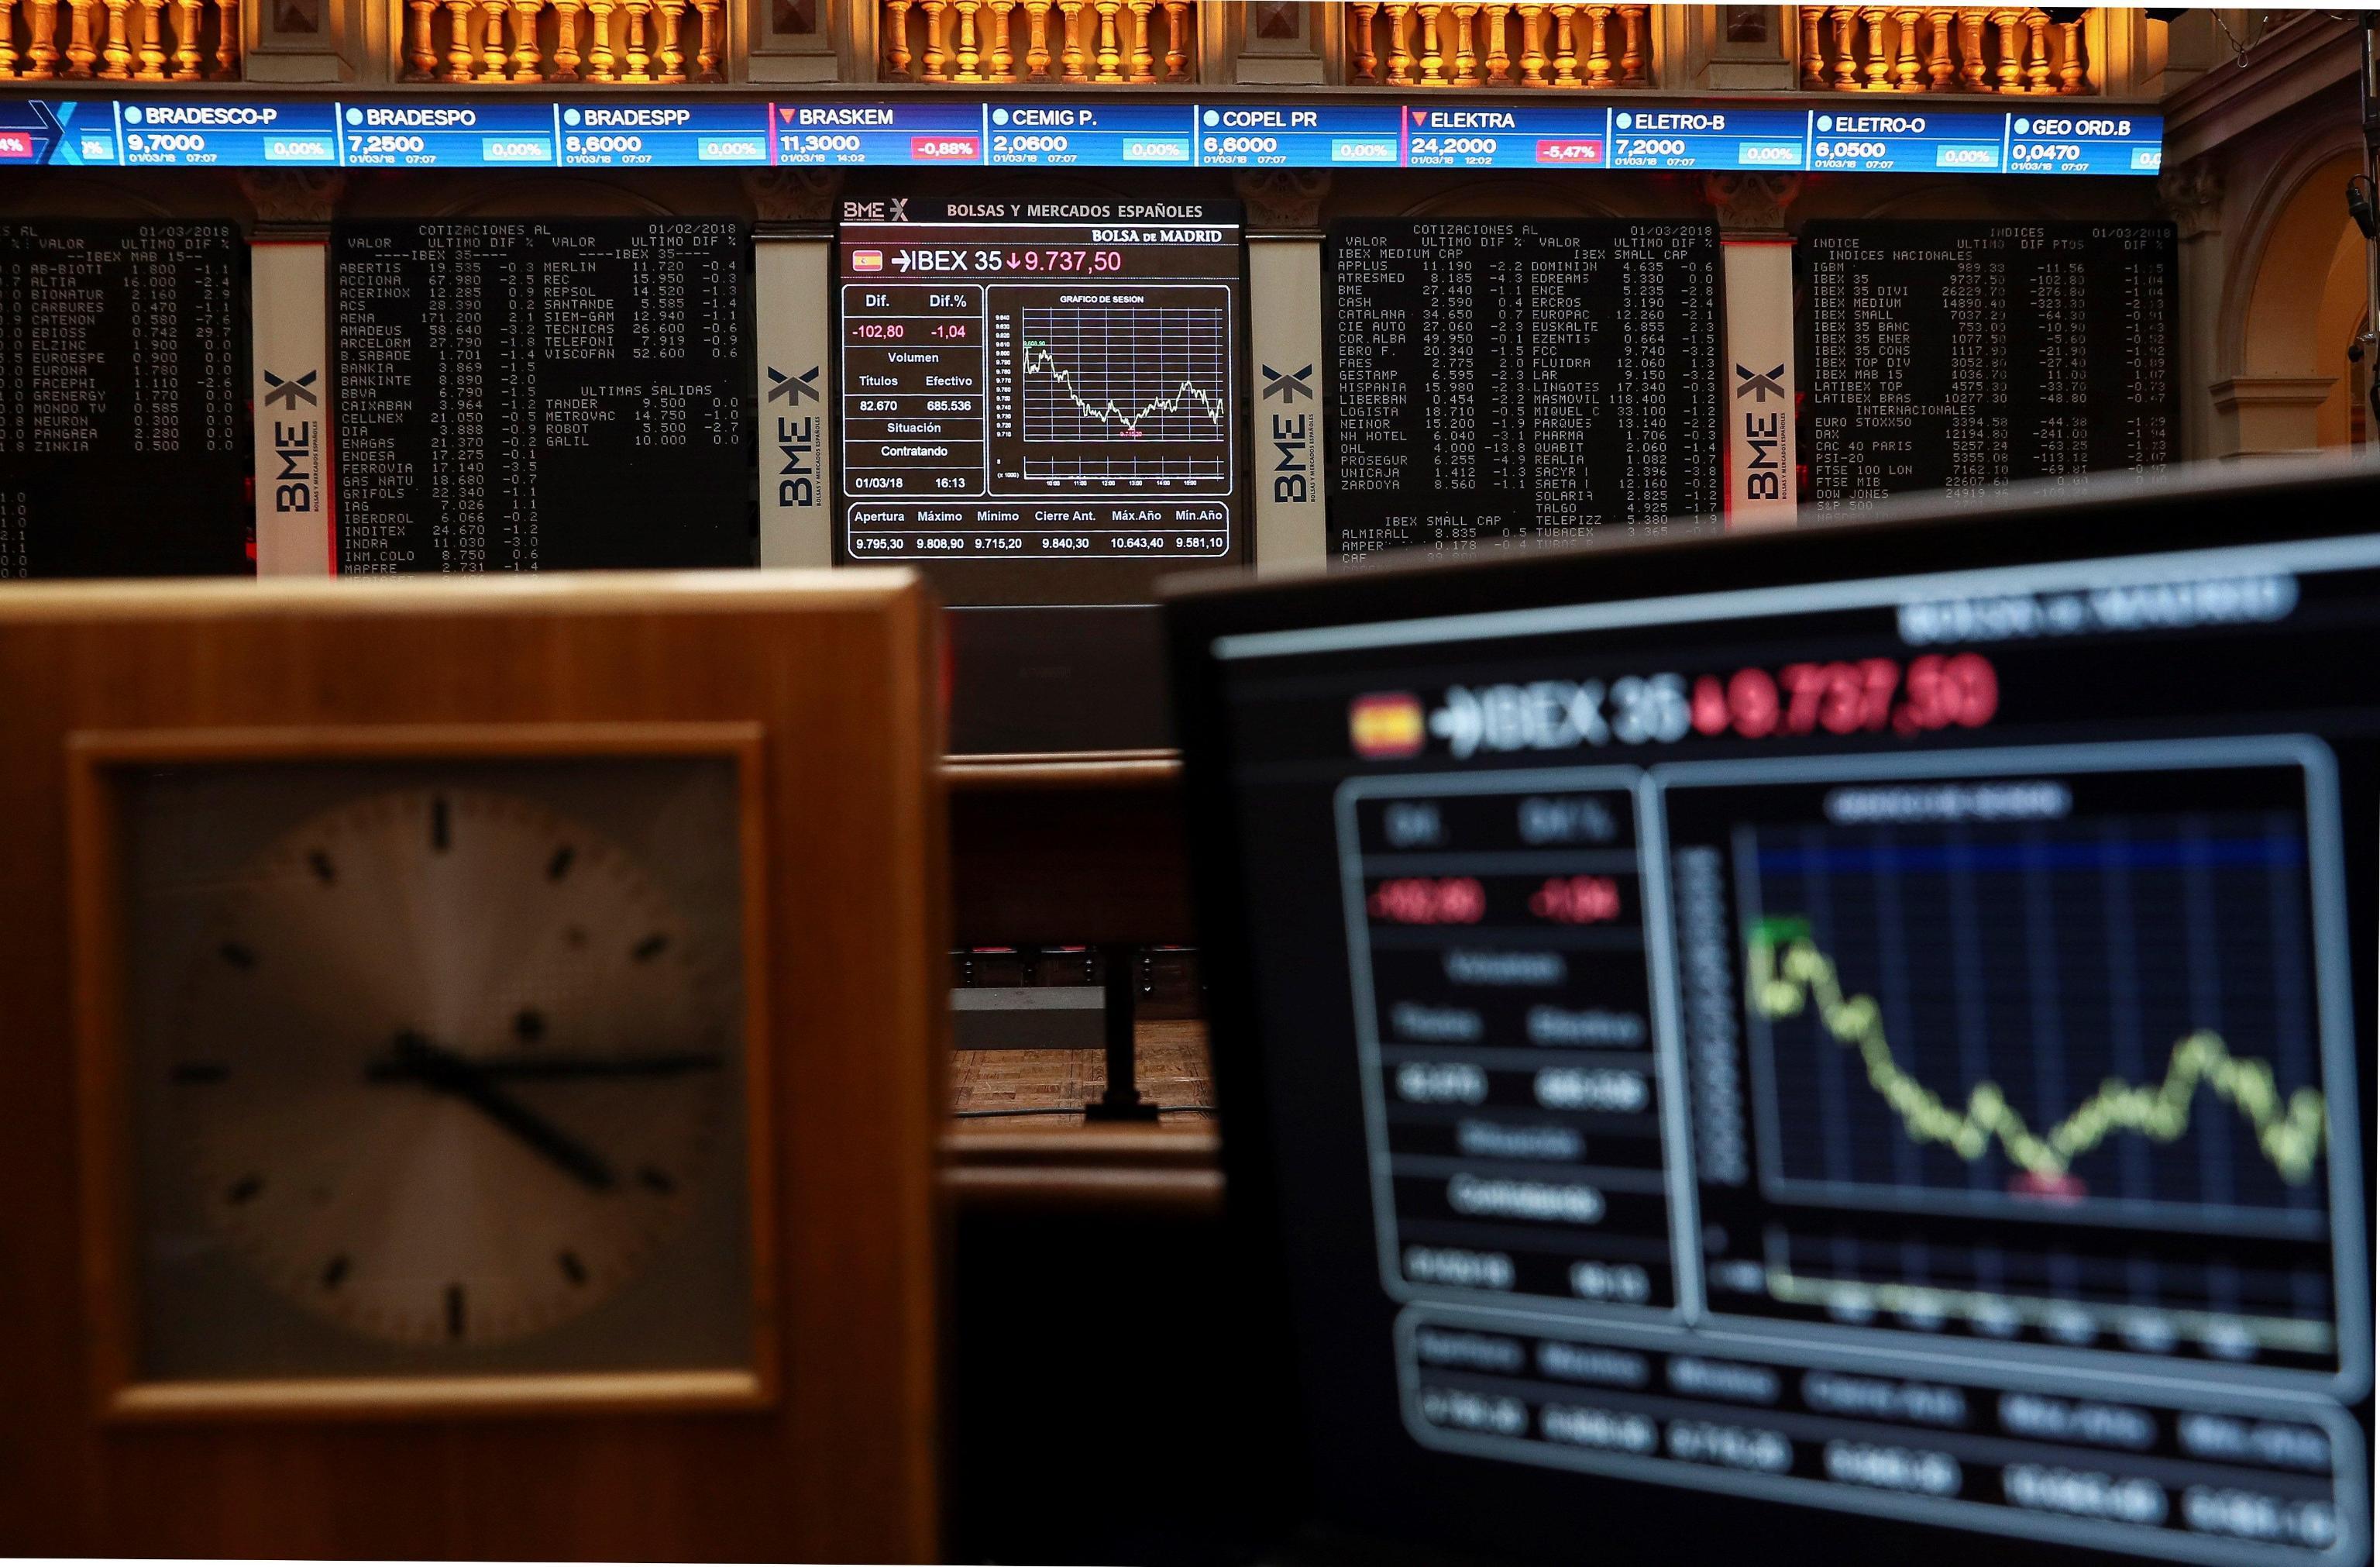 Elezioni politiche 2018, la Borsa di Milano apre in calo ma poi si rialza: crolla Mediaset